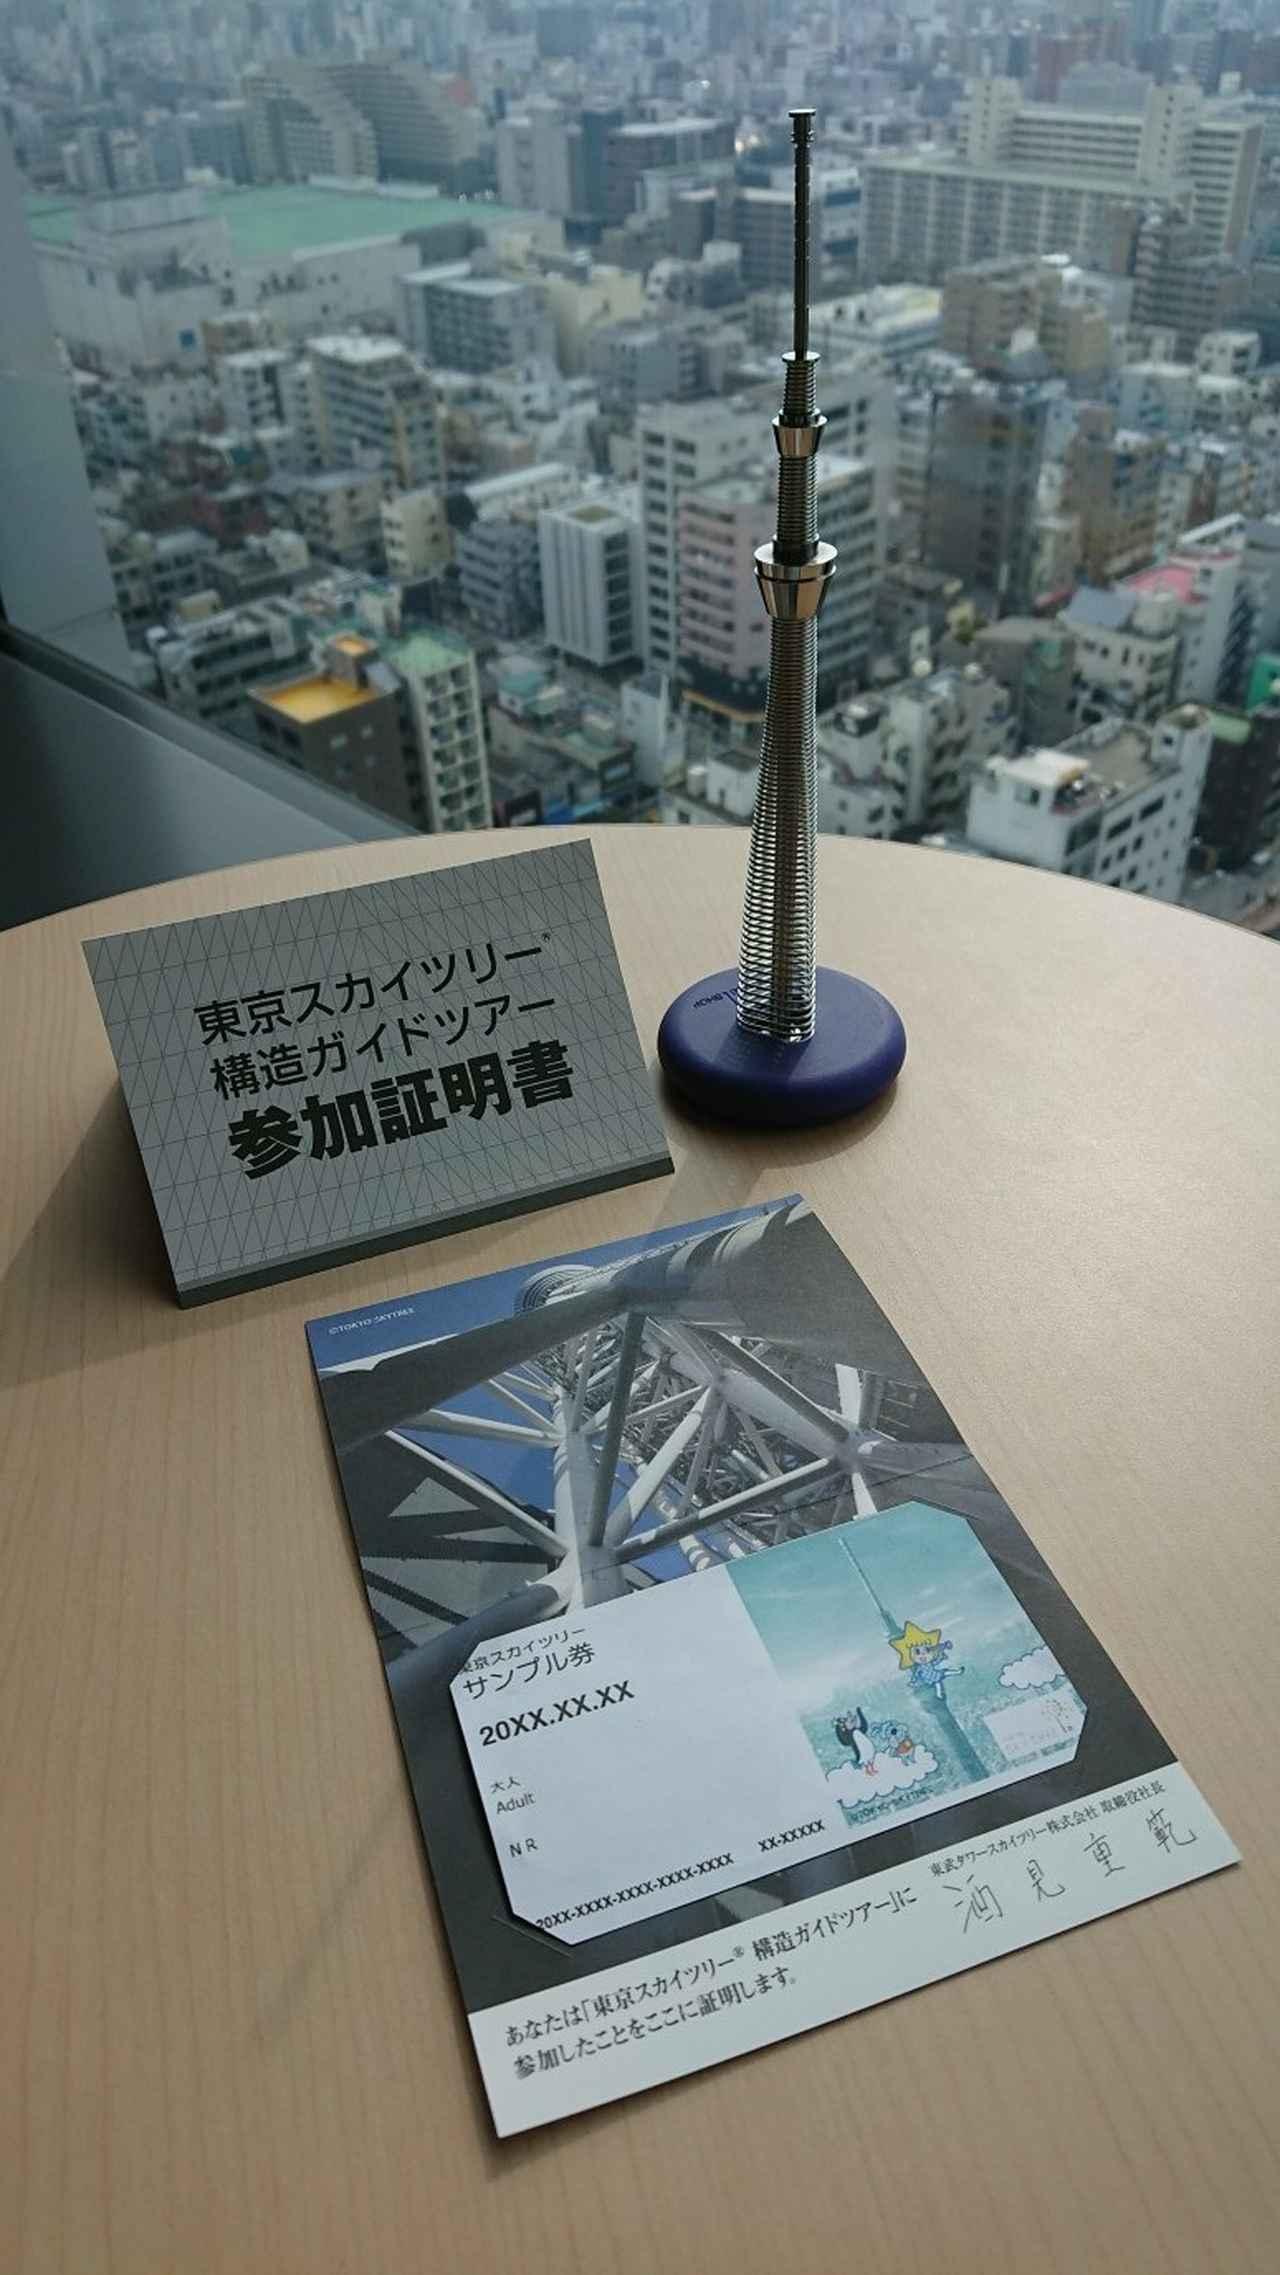 画像: 構造ガイドツアー参加証明書(写真はイメージです/右上の模型は含まれません)